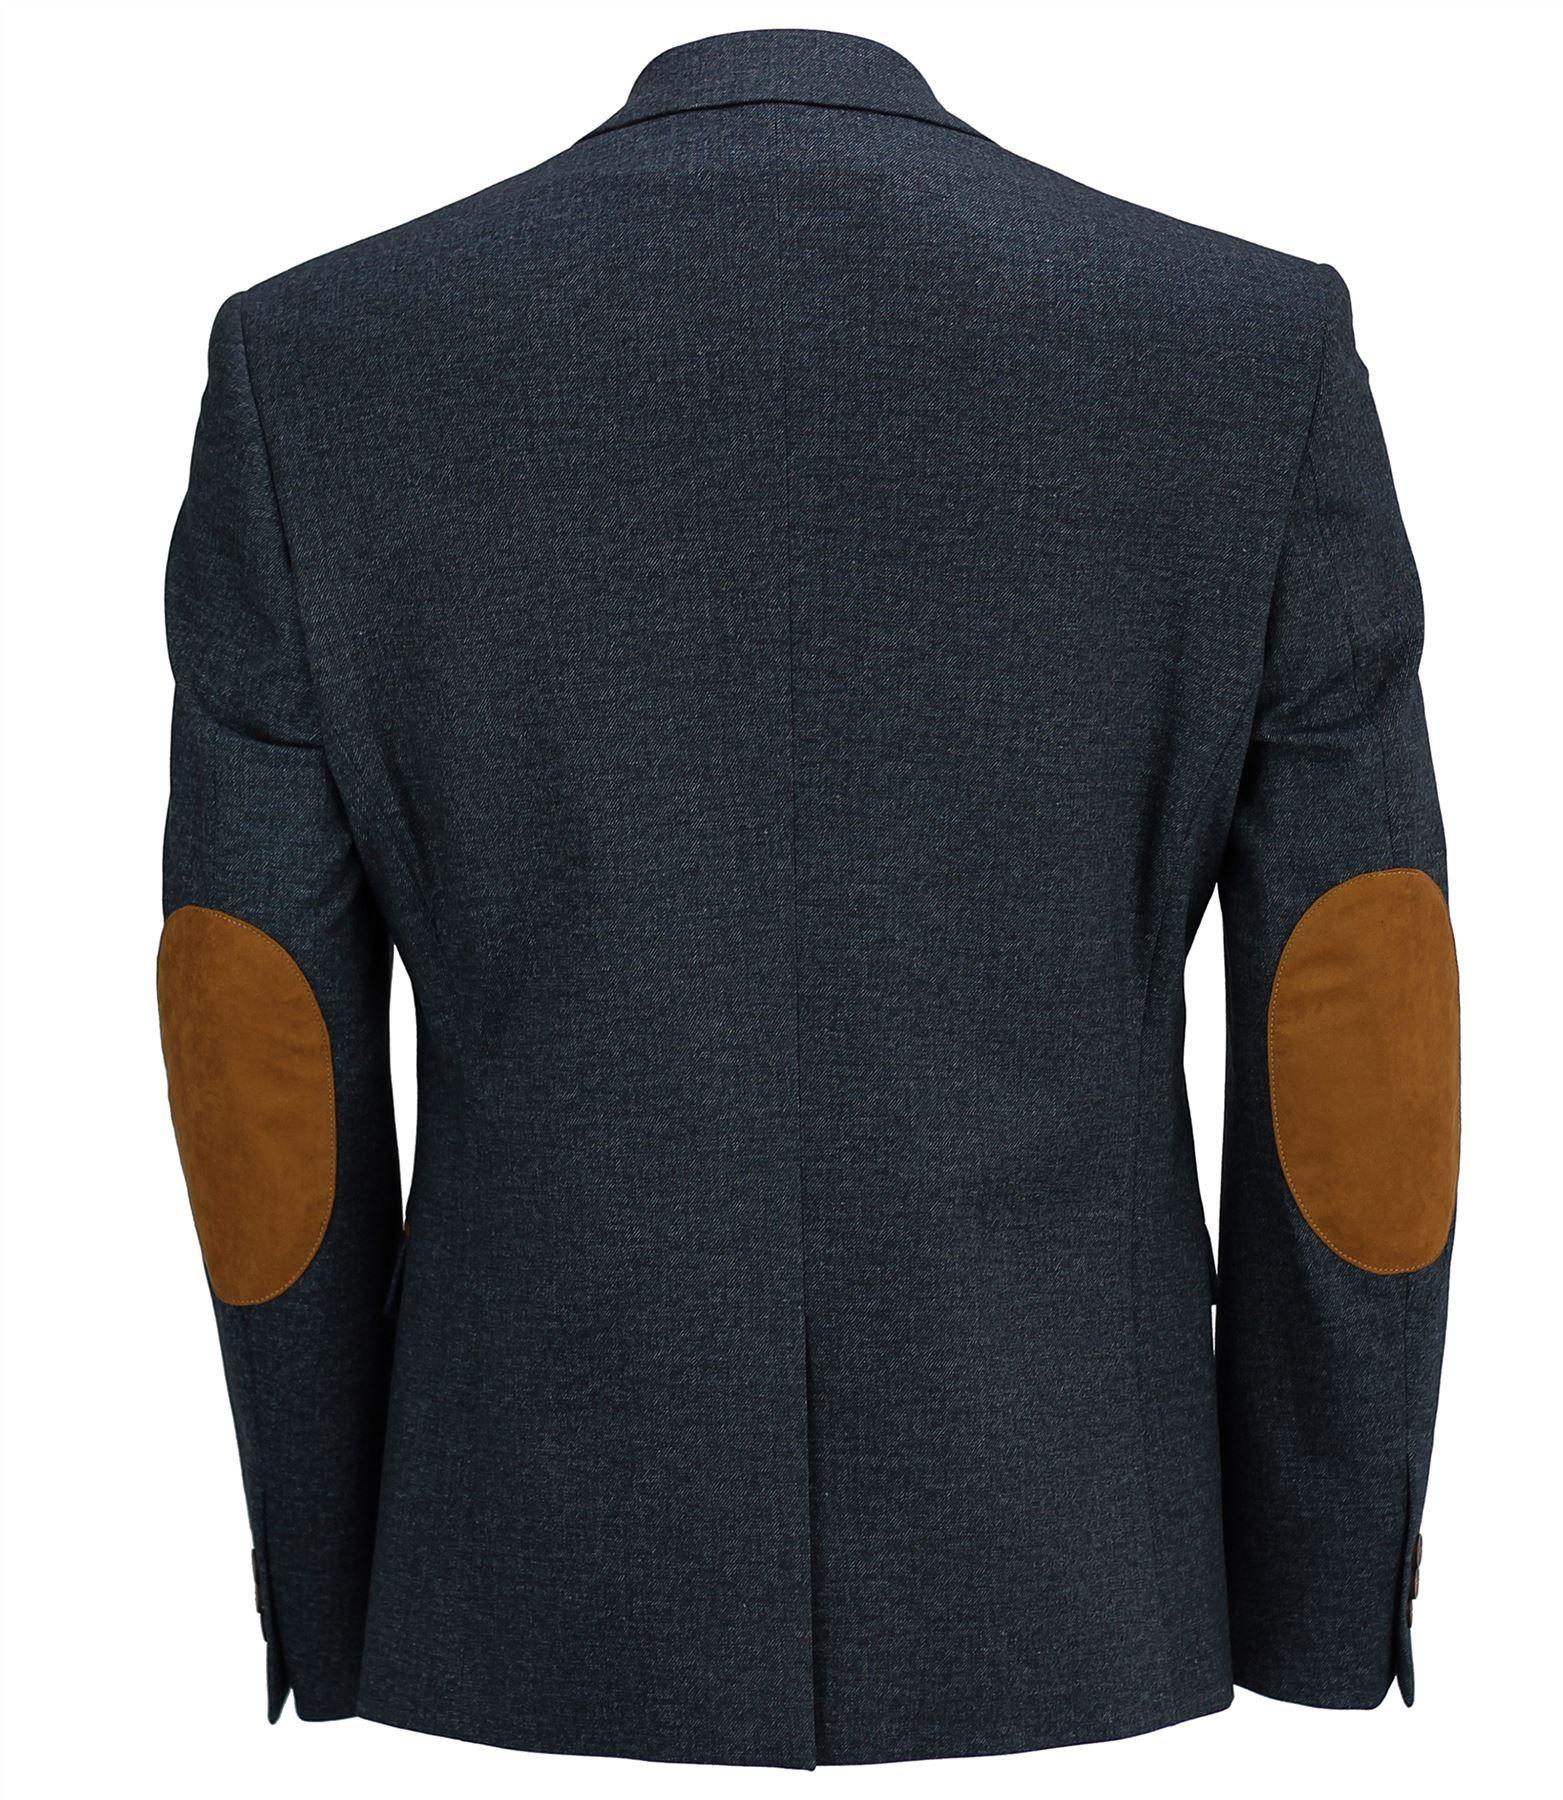 Para-Hombres -Smart-Casual-Amueblada-Chaqueta-Blazer-Estiramiento-Azul-Marron-Parche-De- Codo 2f043a5f134